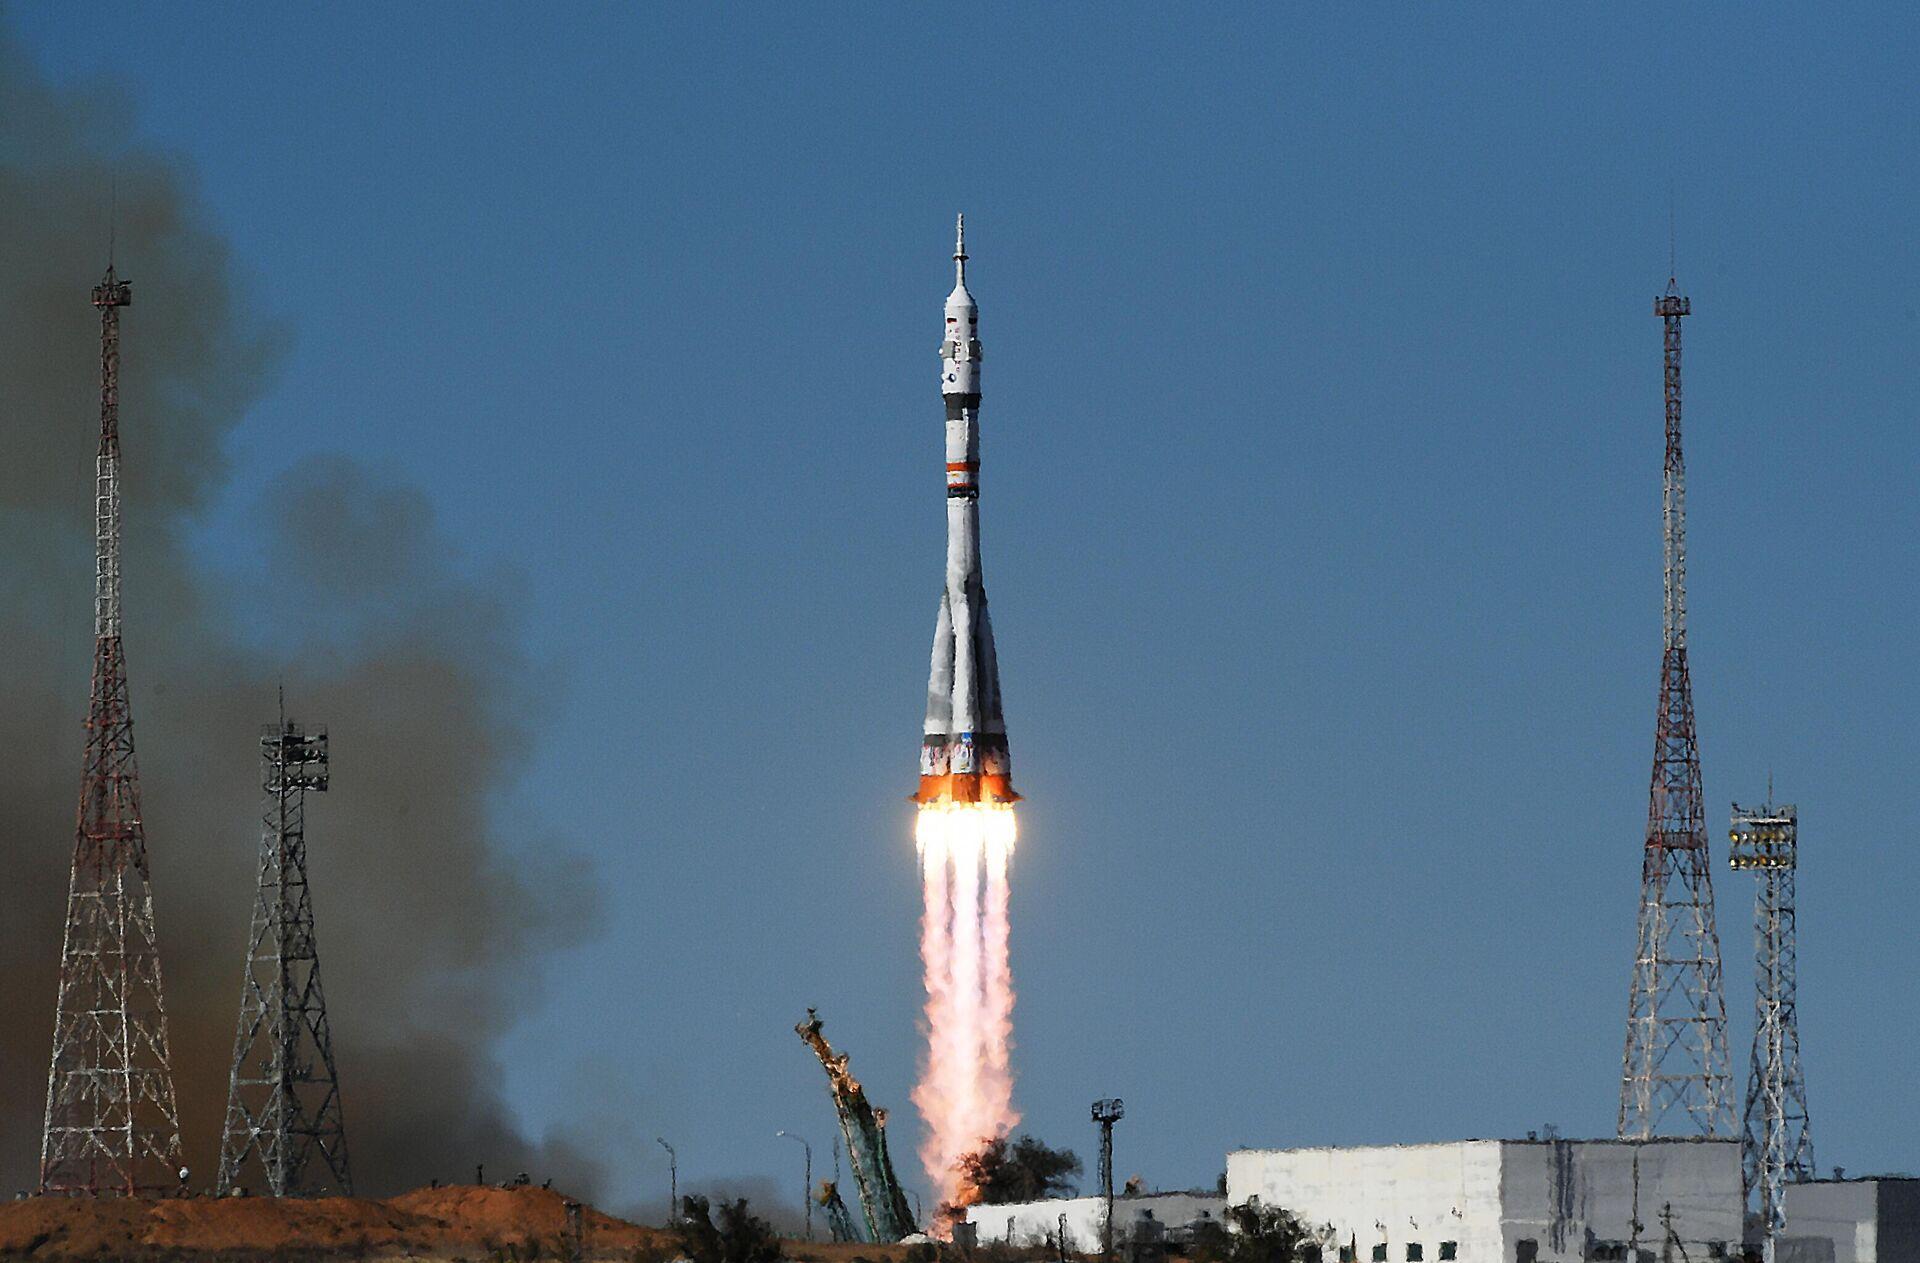 Nga là nước đầu tiên trên thế giới cử đoàn làm phim lên Trạm vũ trụ Quốc tế - Sputnik Việt Nam, 1920, 05.10.2021